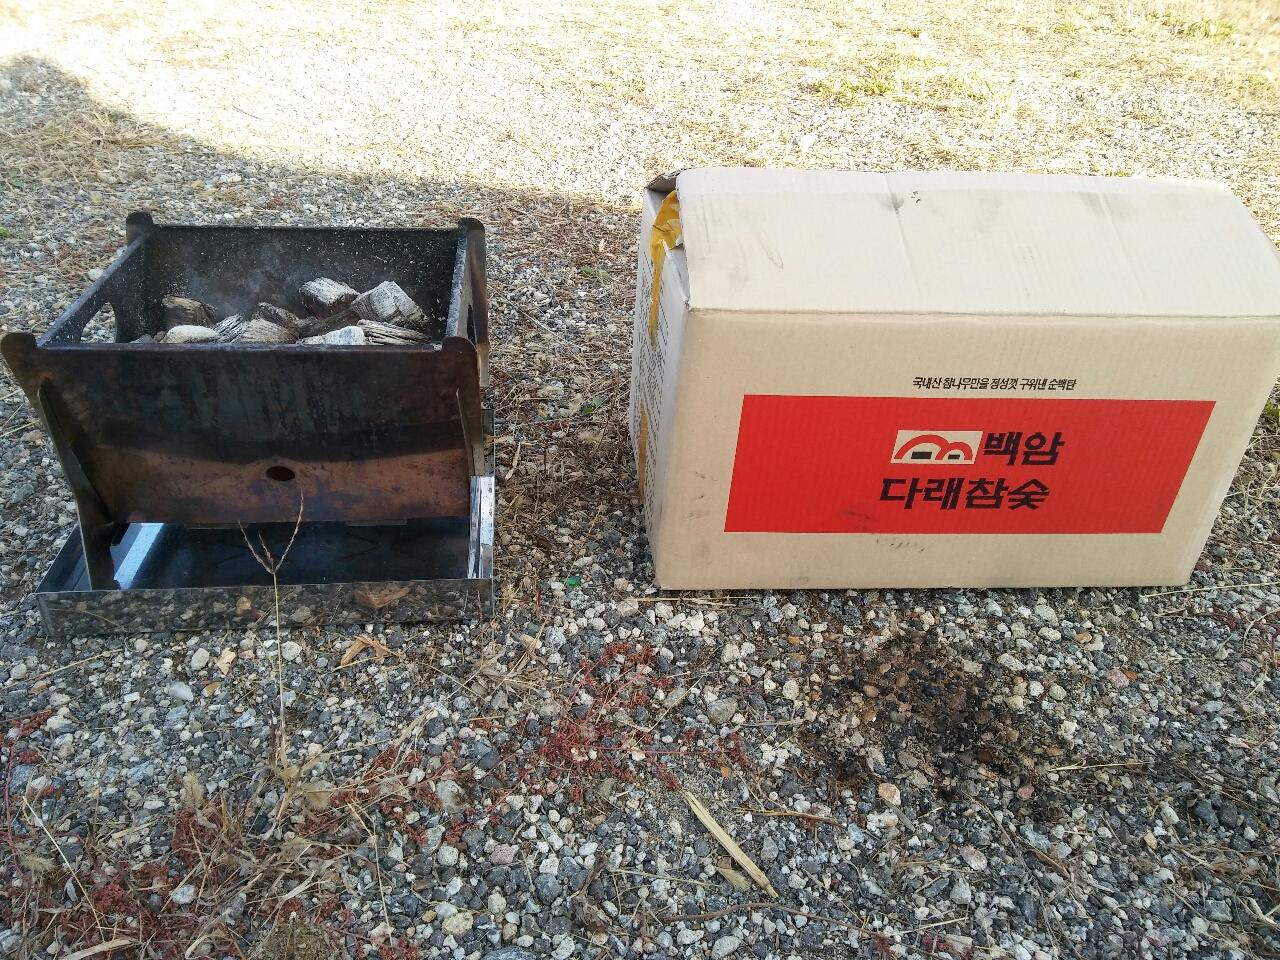 다래참숯 - 국산 굴참나무 참숯 백탄 5kg/10kg